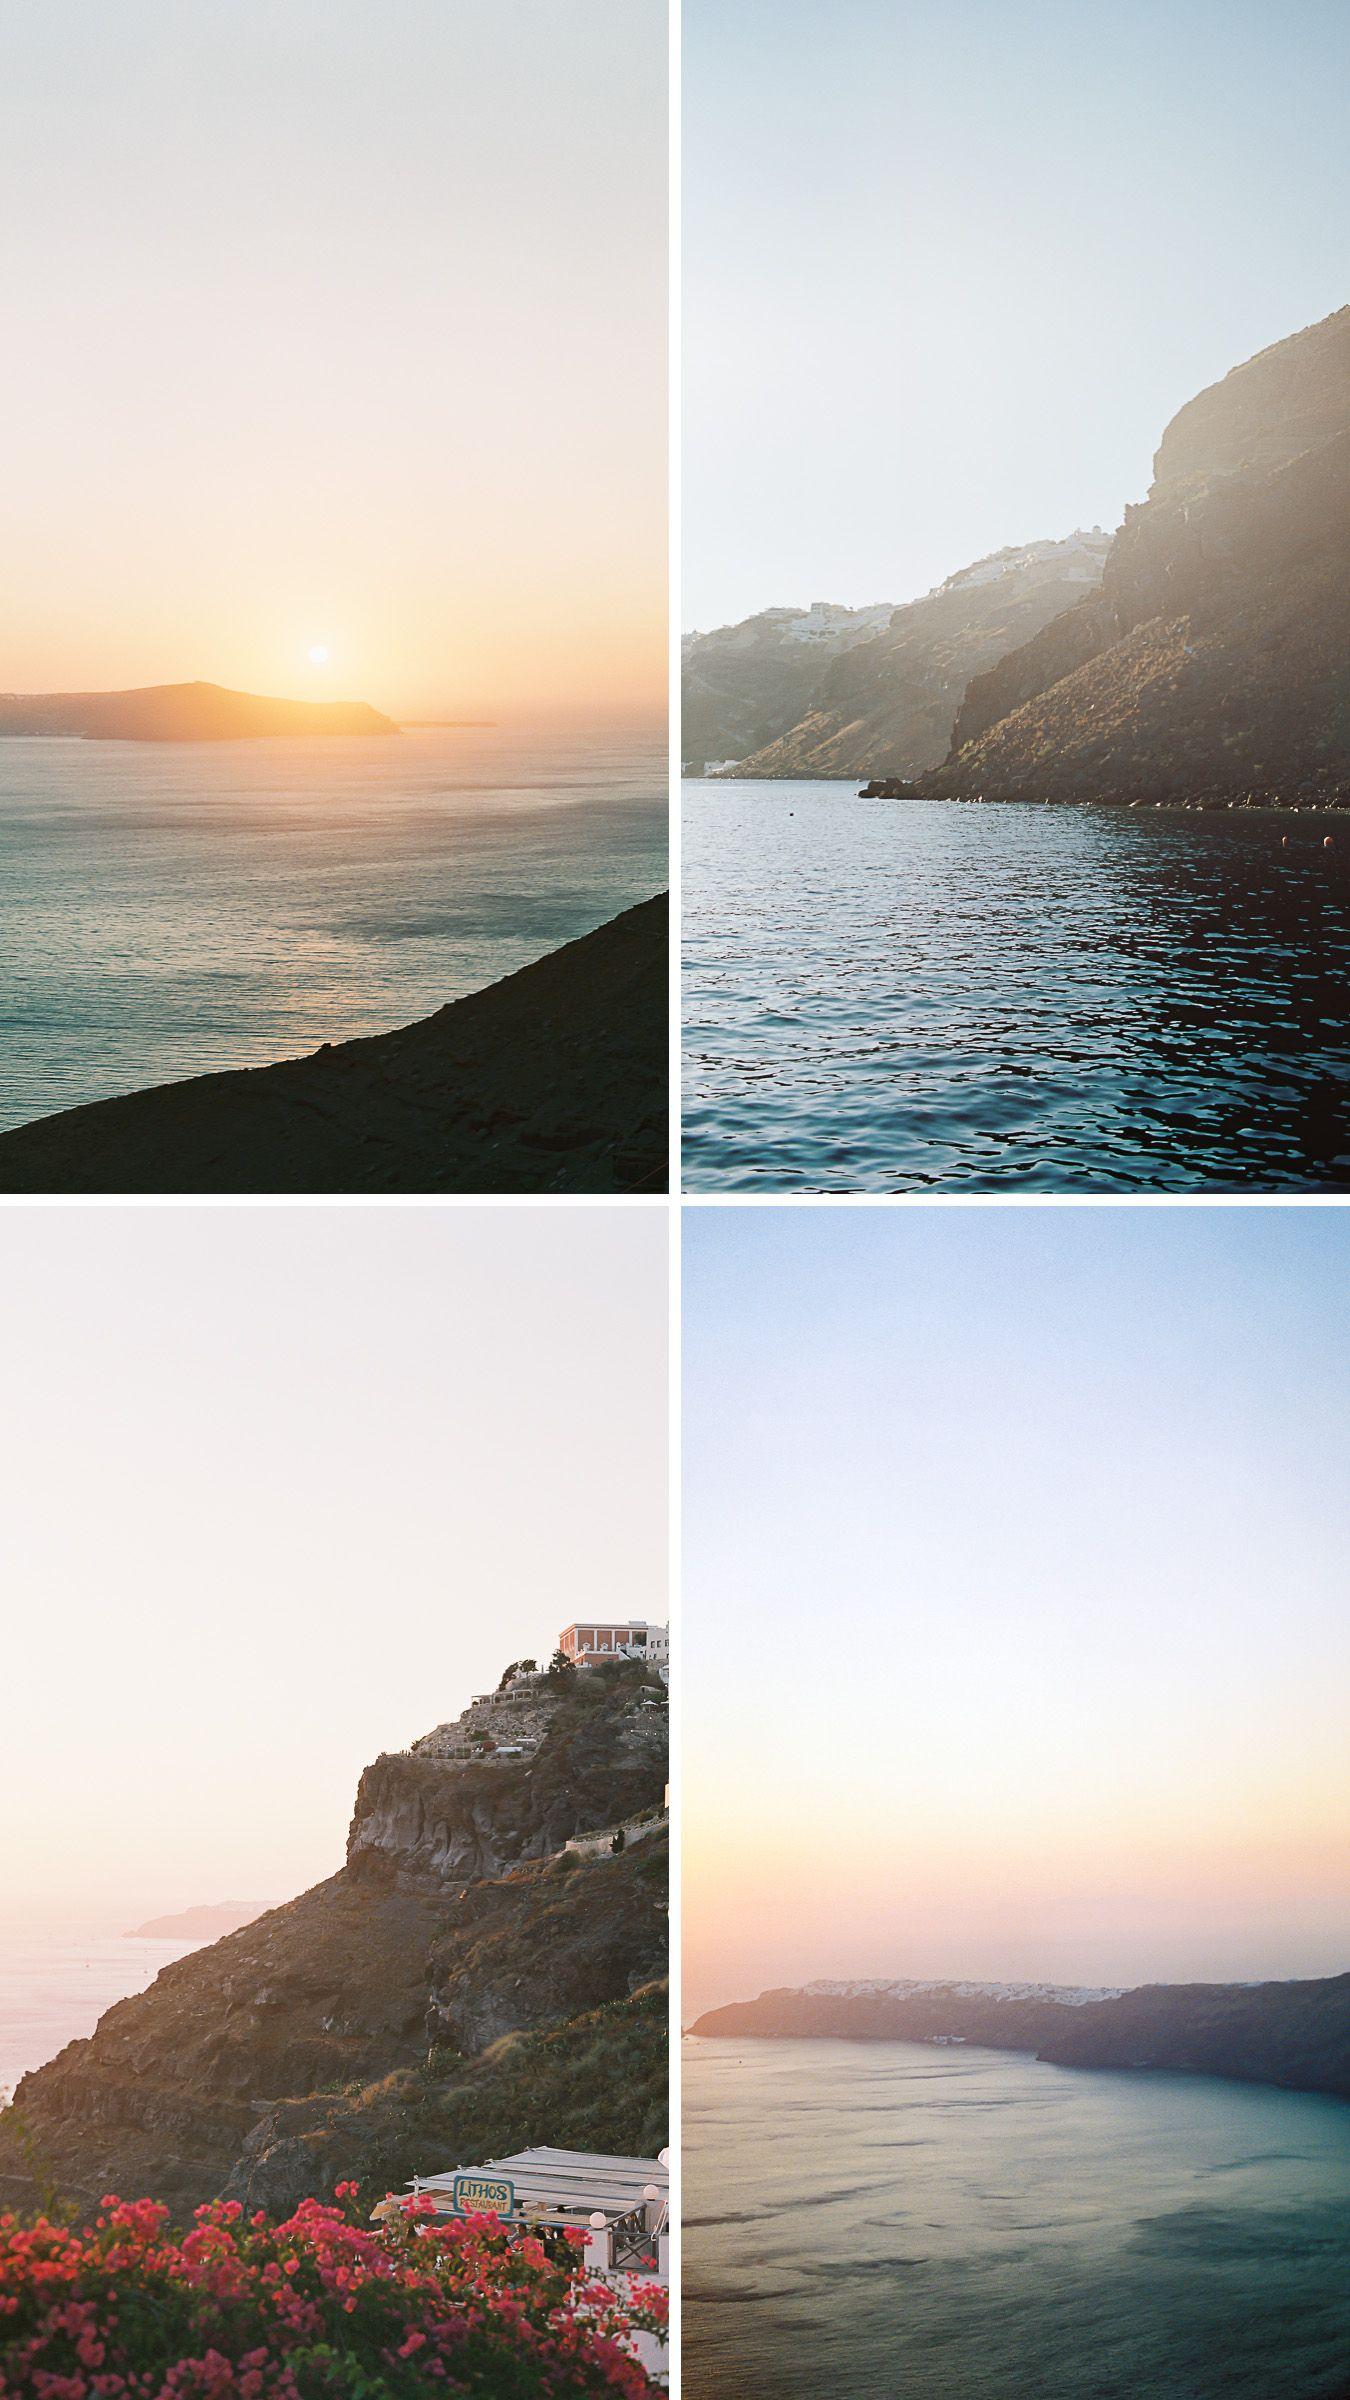 Santorini, Greece #aegeansea